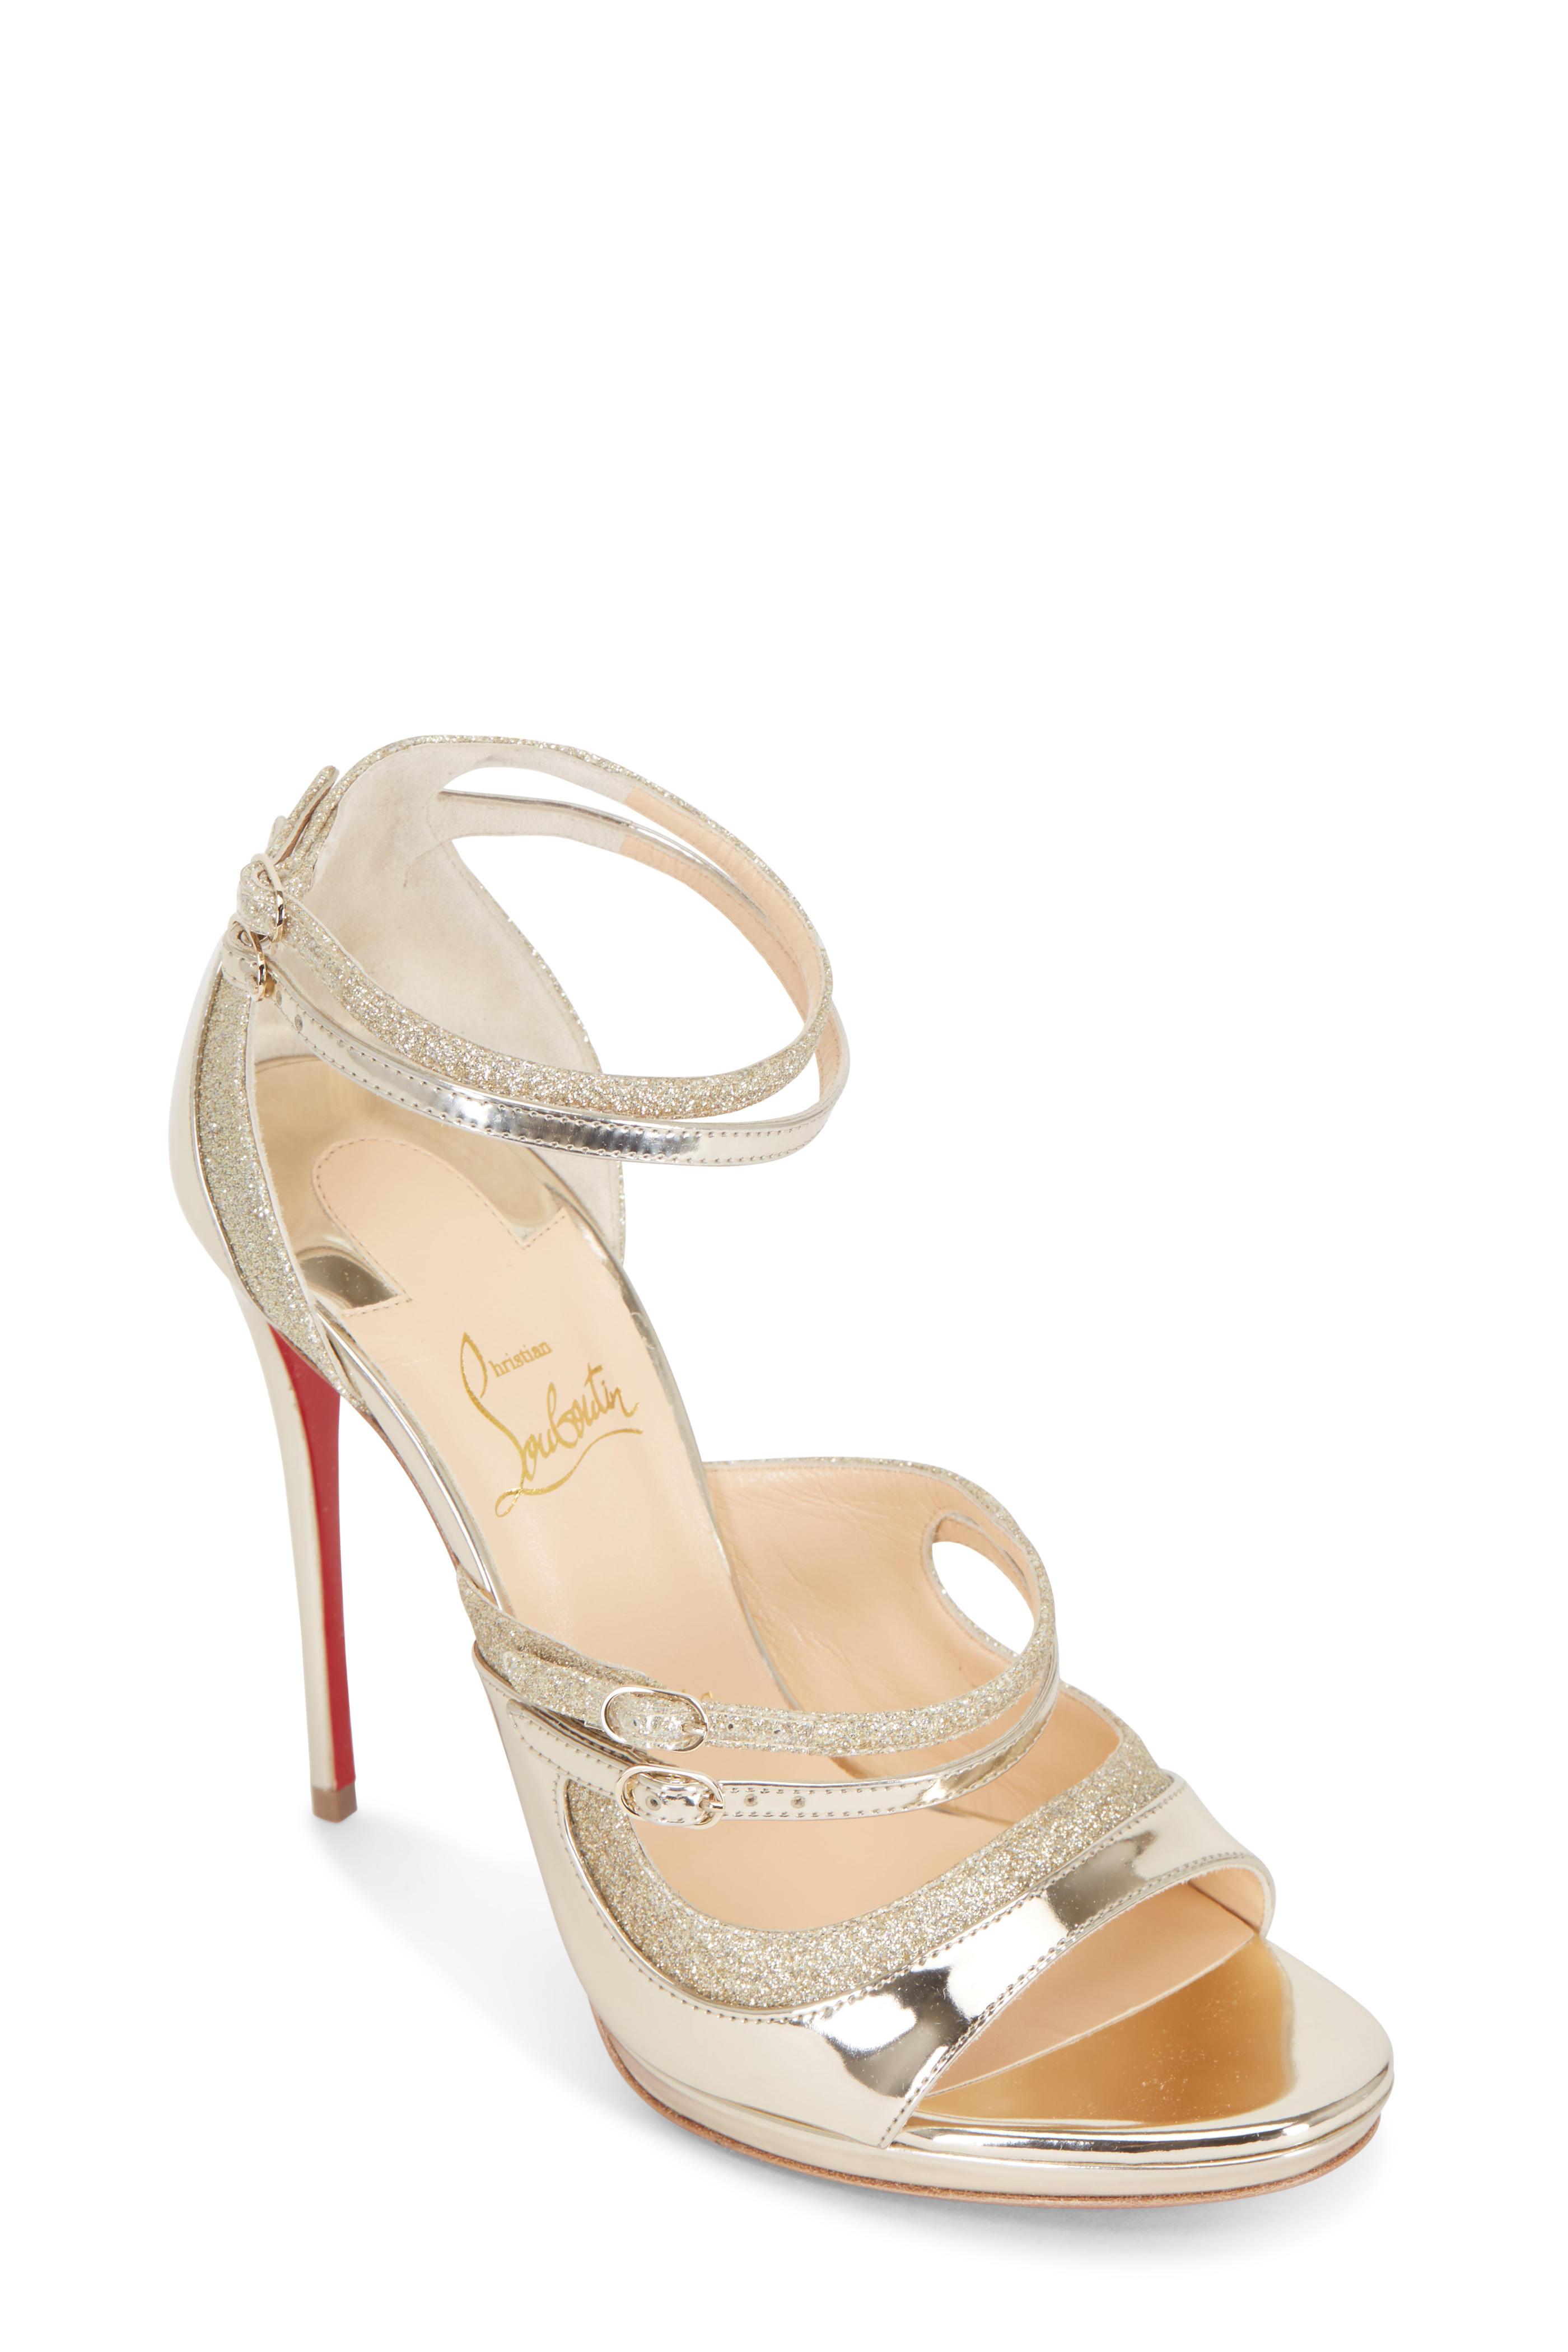 the latest 4036a 17502 Christian Louboutin - Sotto Sopra Specchio Glitter Sandals ...